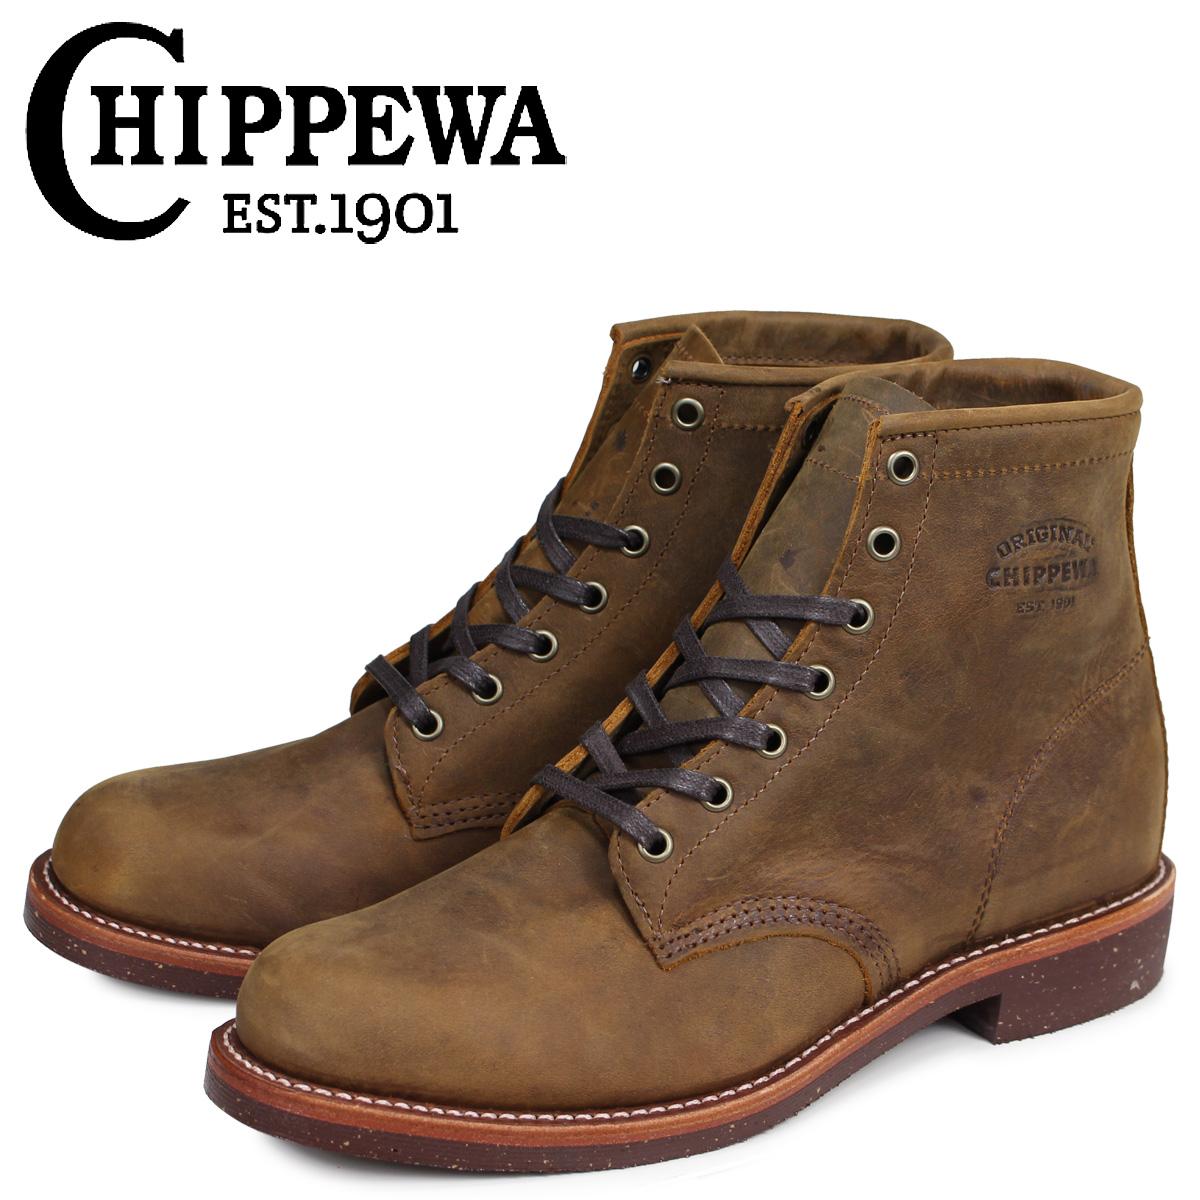 チペワ CHIPPEWA ブーツ 6インチ サービス 6INCH SERVICE BOOT 1901M29 Dワイズ EEワイズ タン メンズ [3/30 追加入荷]